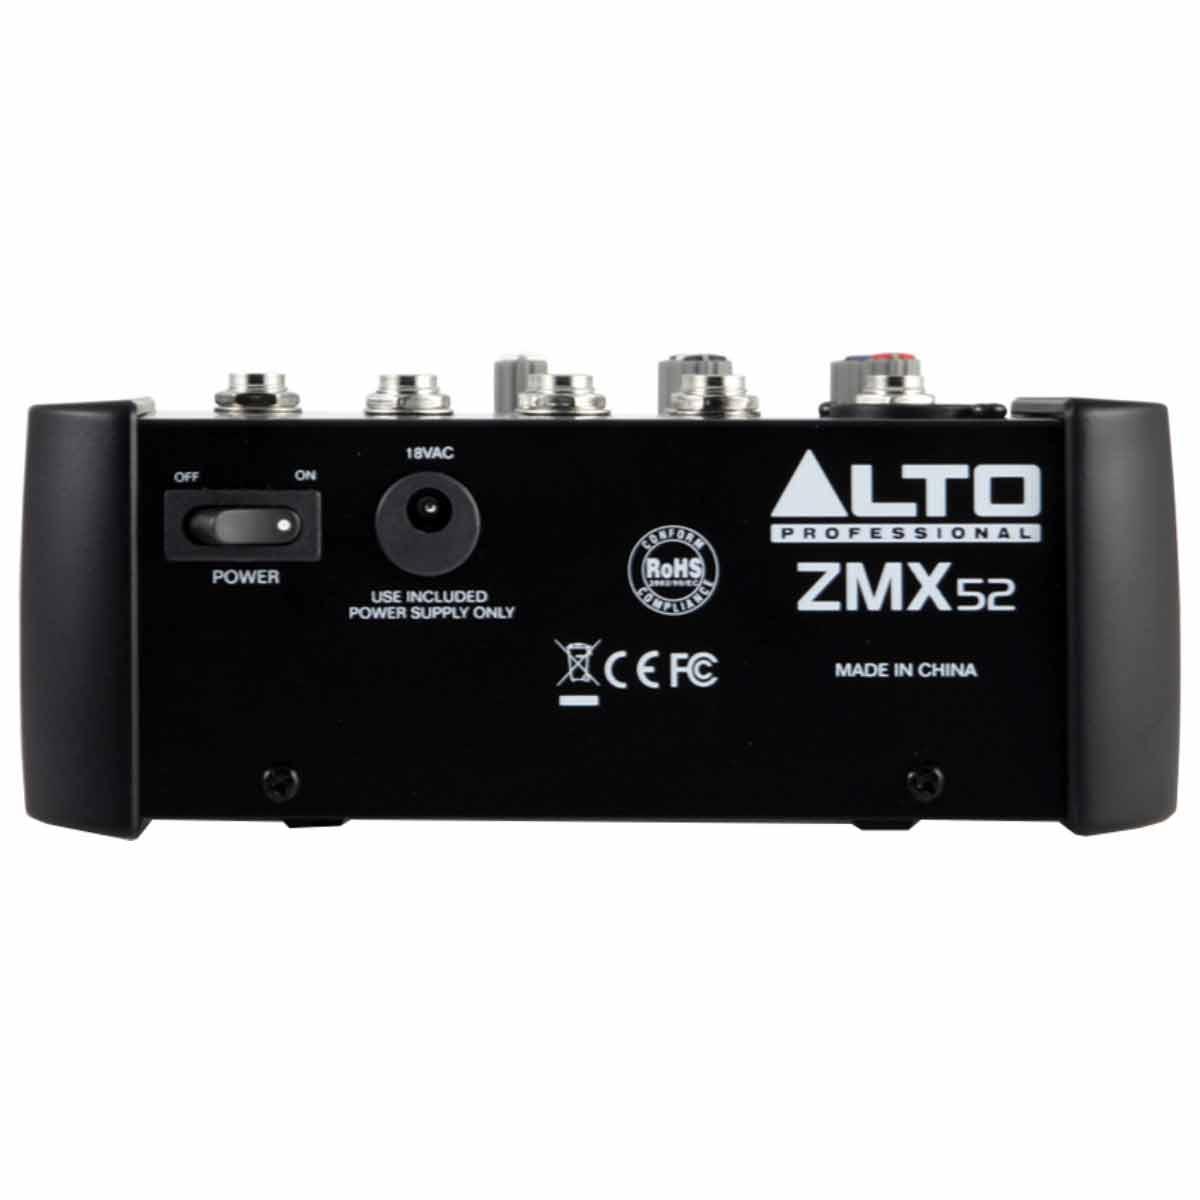 ZMX52 - Mesa de Som / Mixer 5 Canais ZMX 52 - Alto